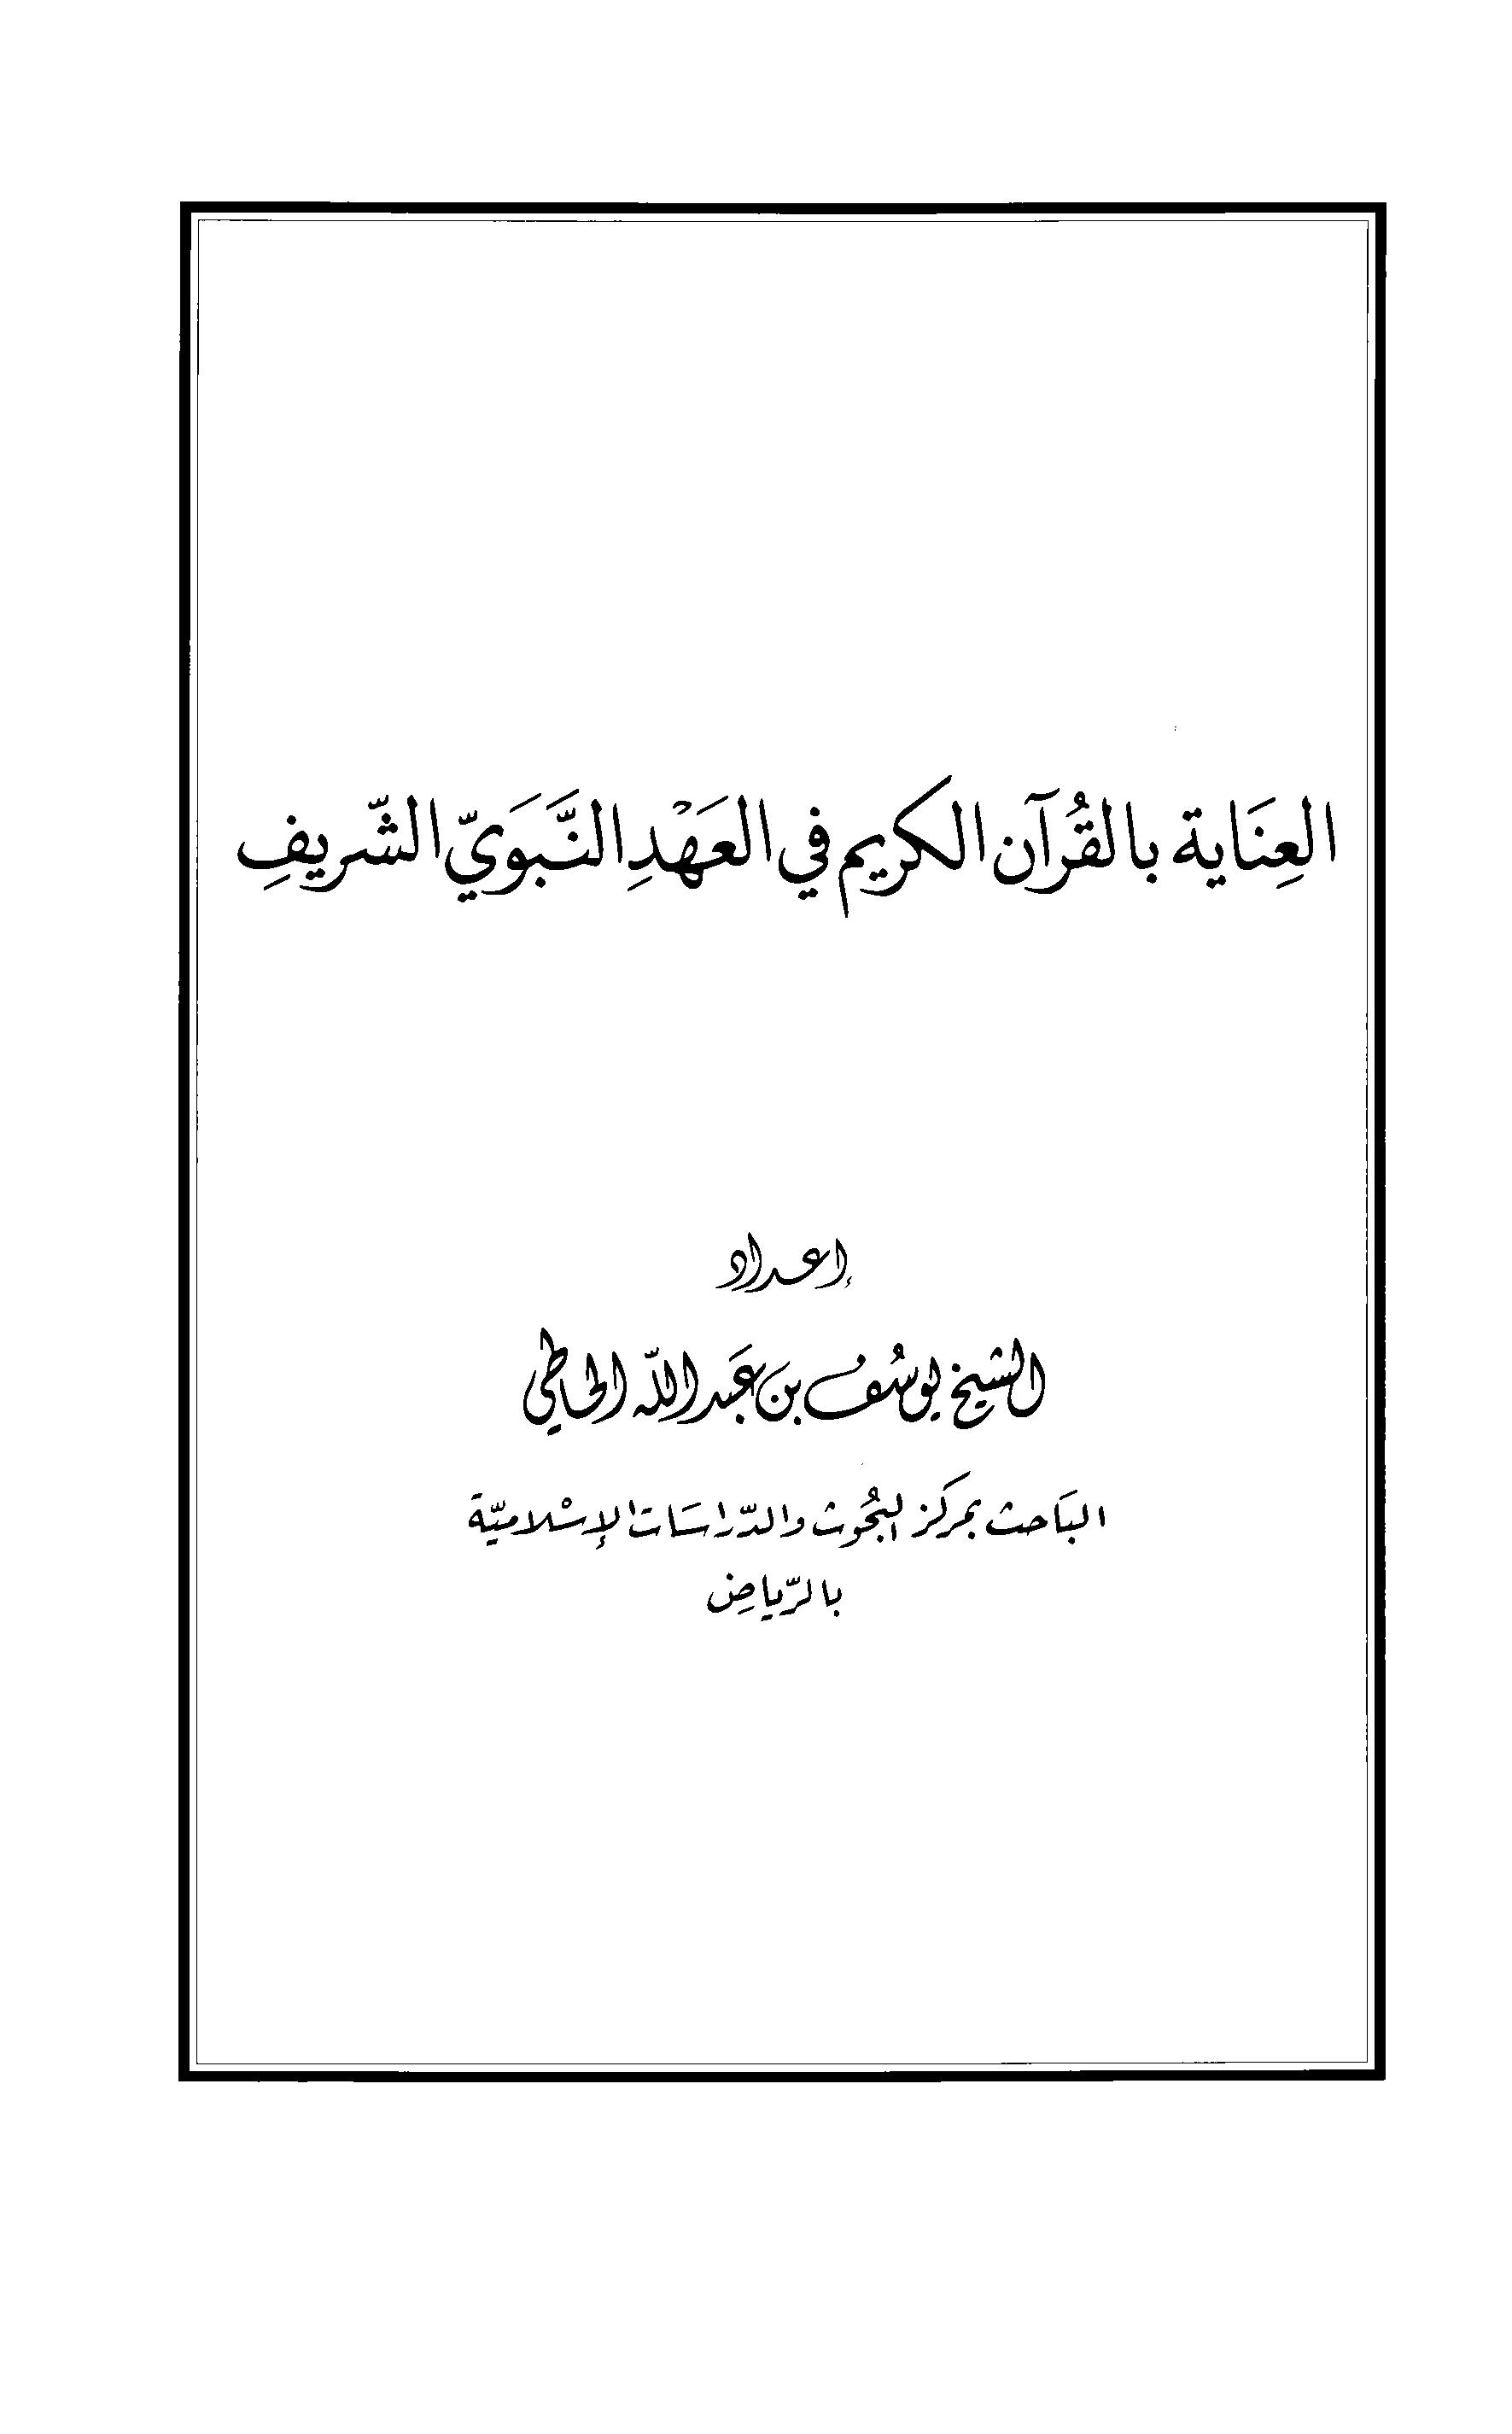 ❞ كتاب  العناية بالقرآن الكريم في العهد النبوي الشريف ❝